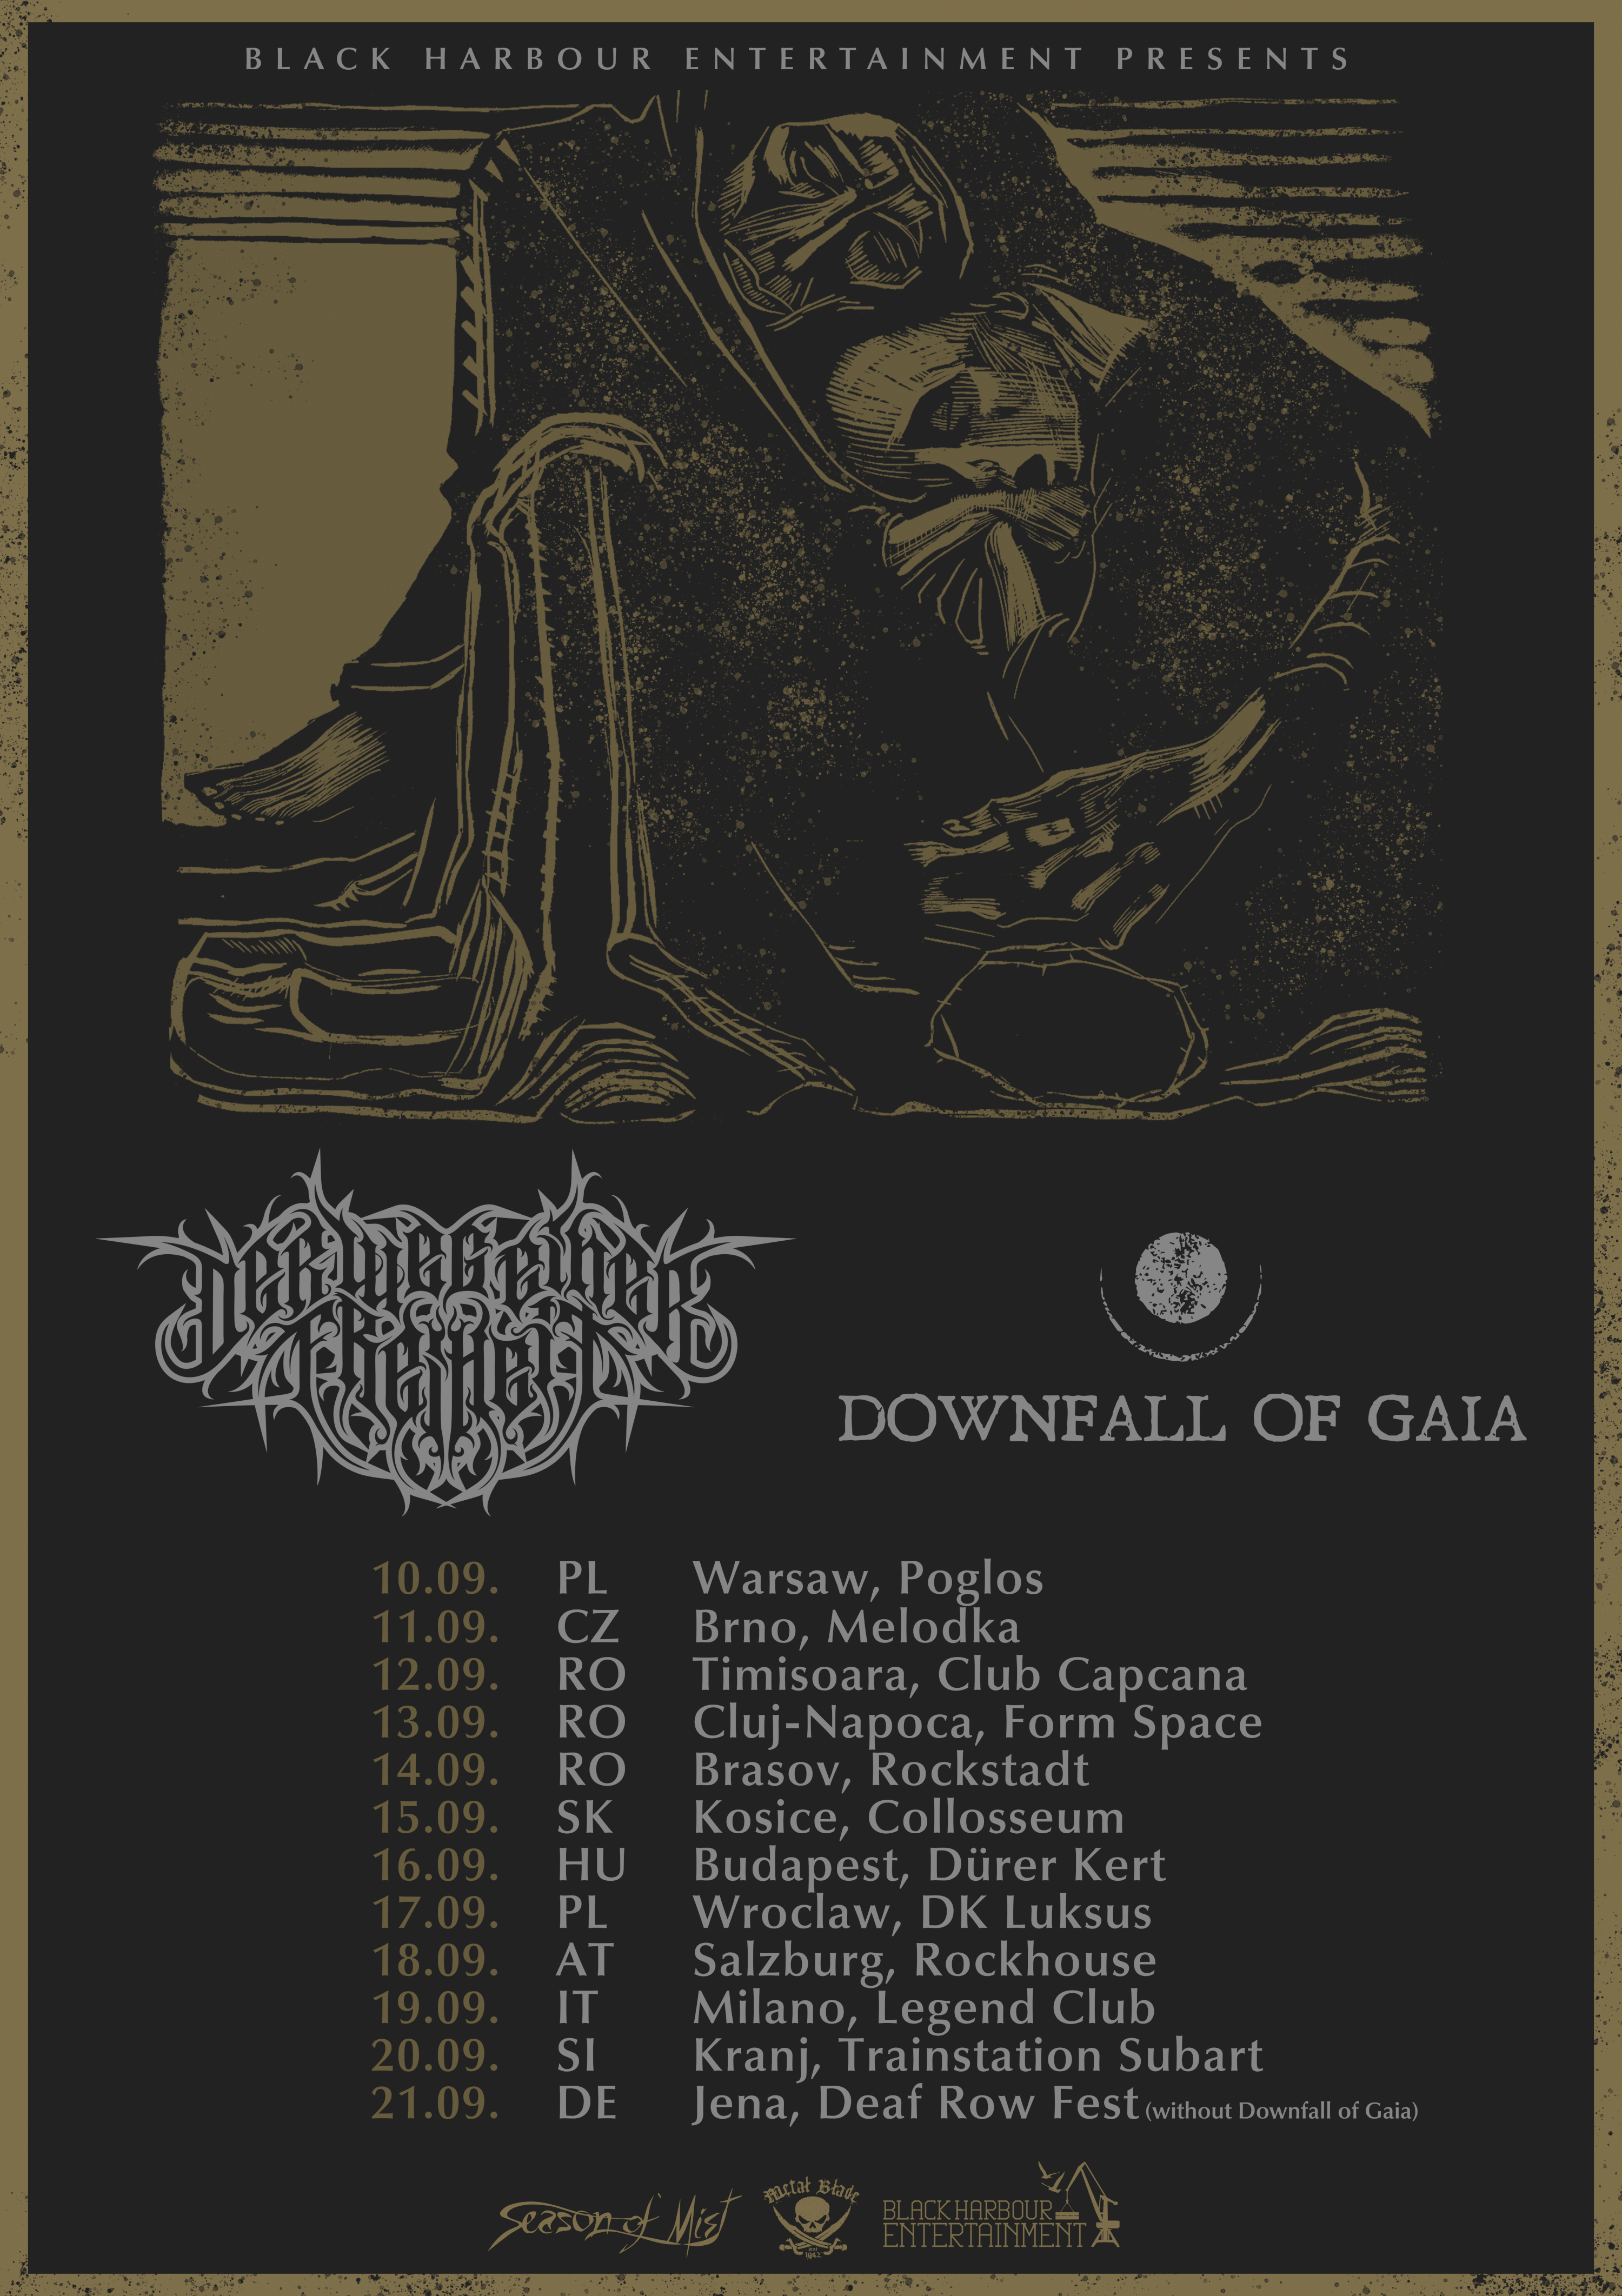 New Tour Dates with Downfall of Gaia – DER WEG EINER FREIHEIT